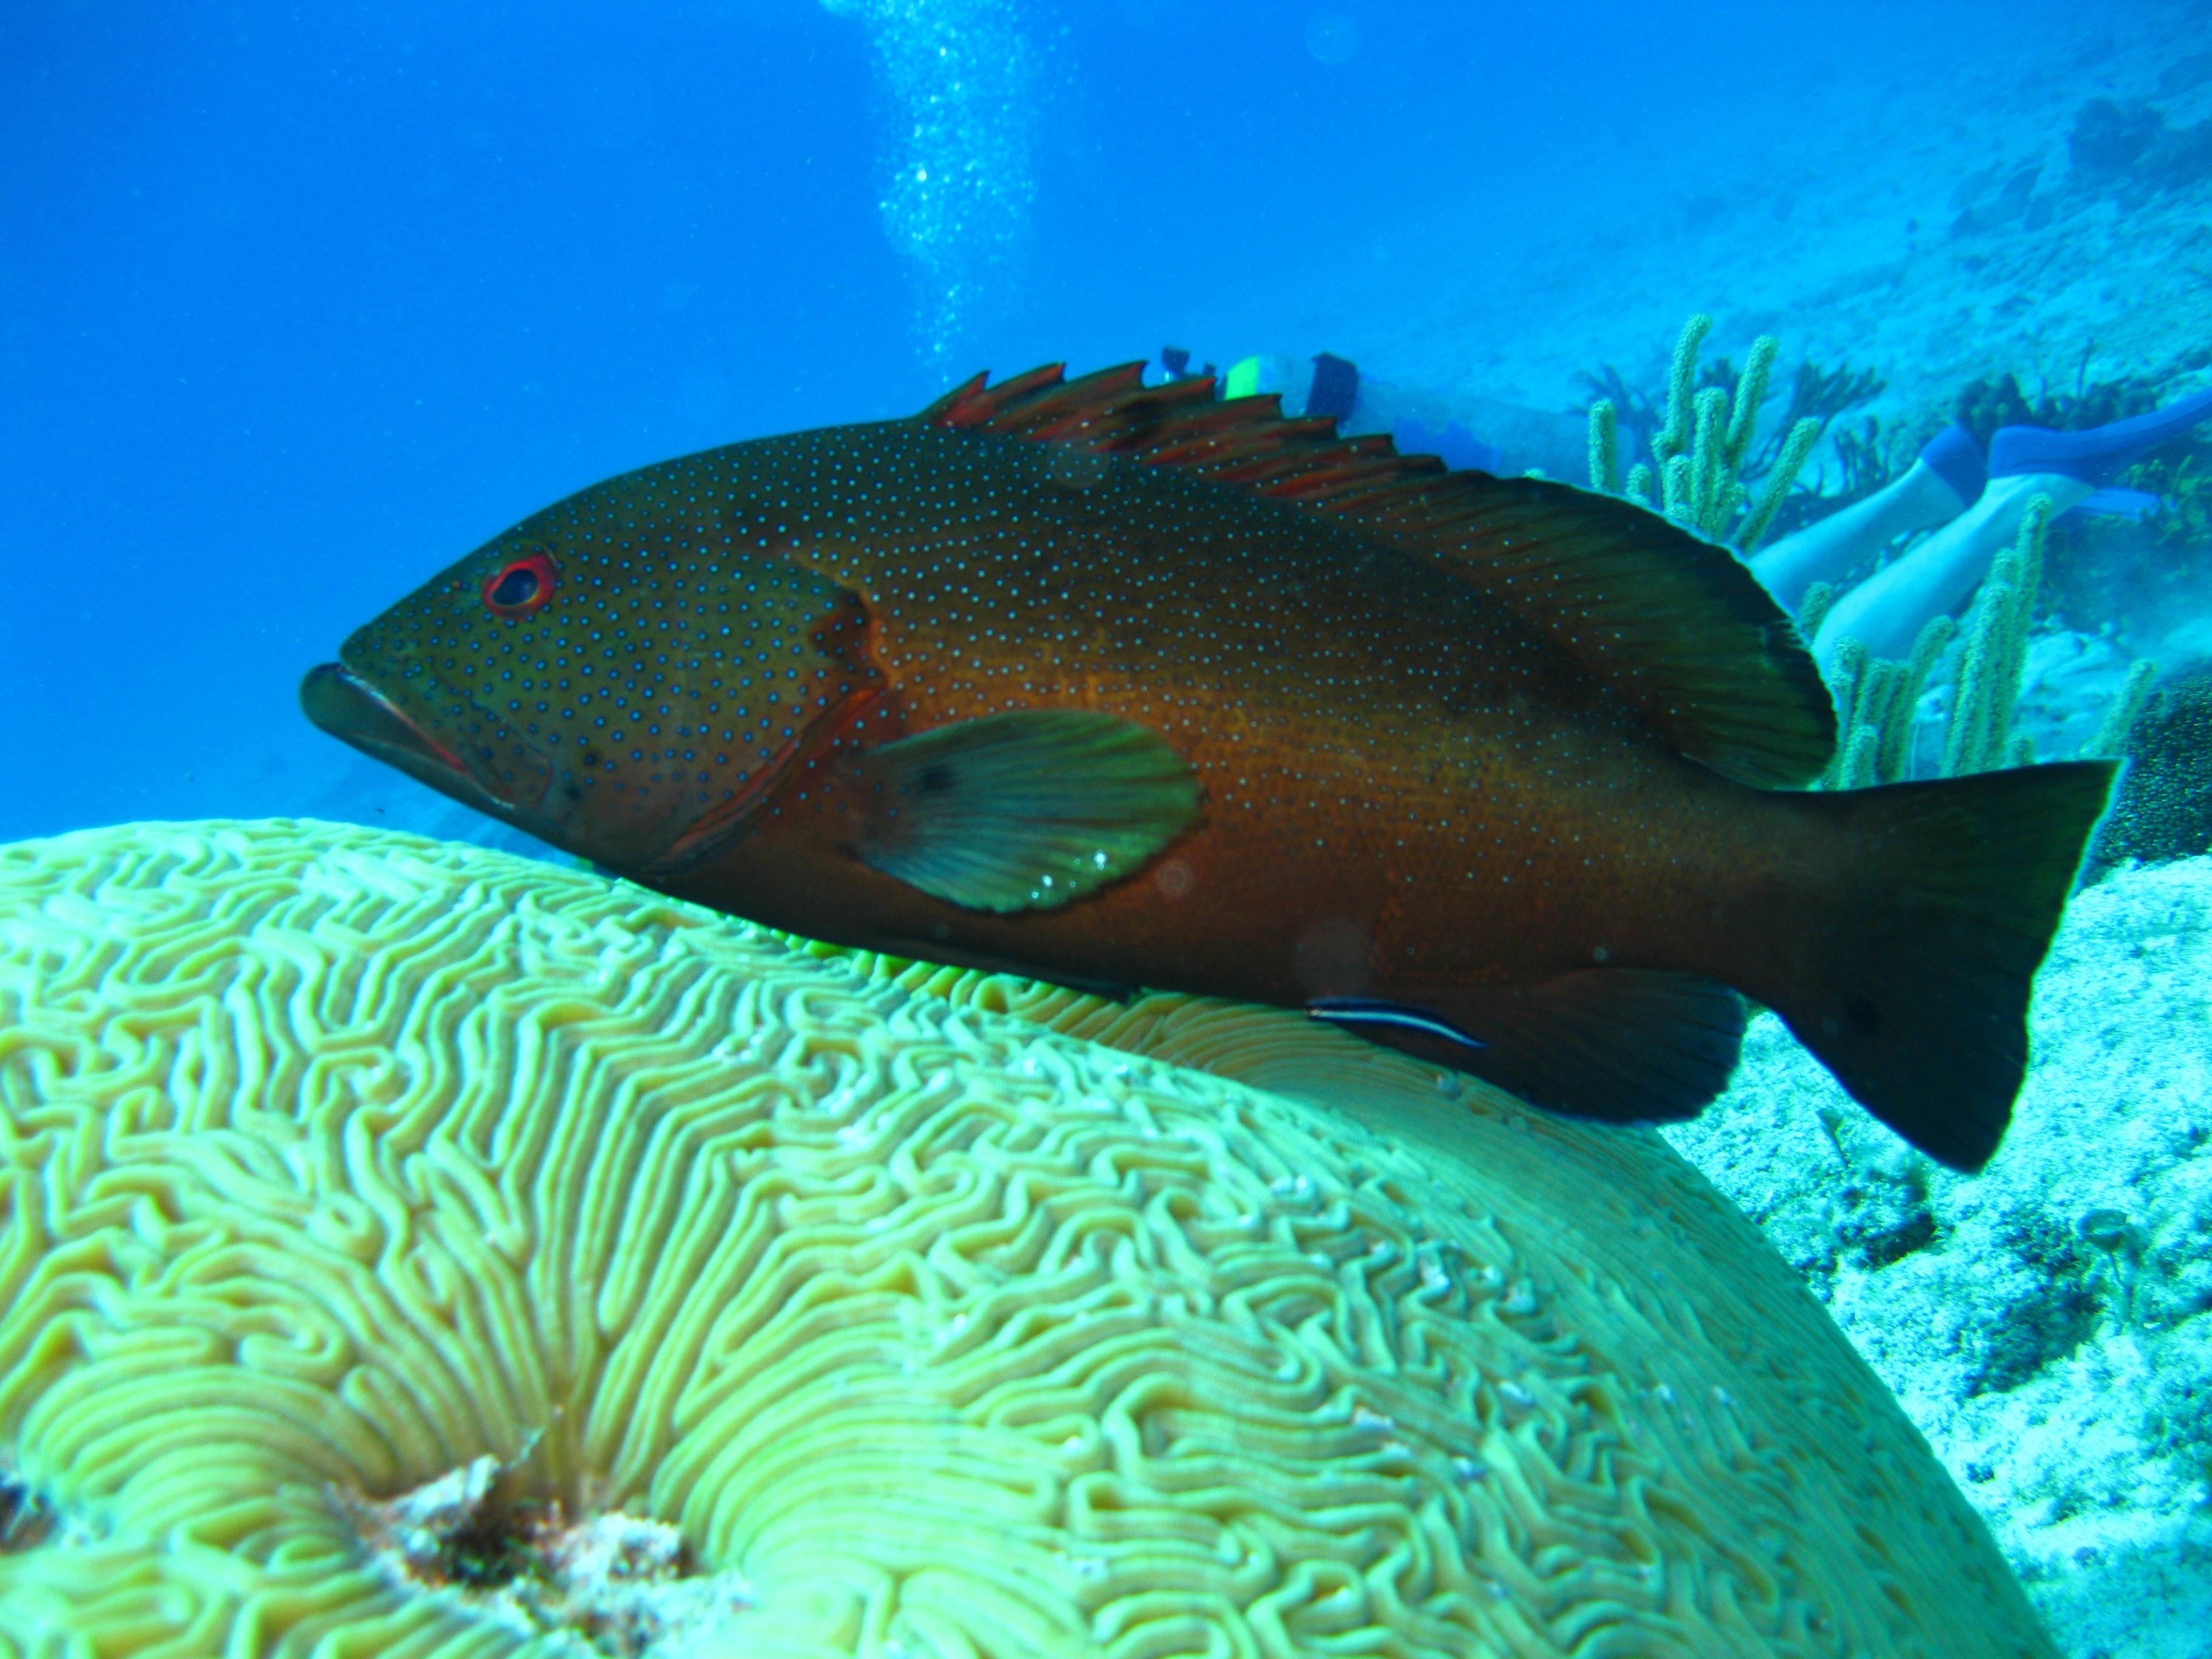 Black and grey fish underwater photo